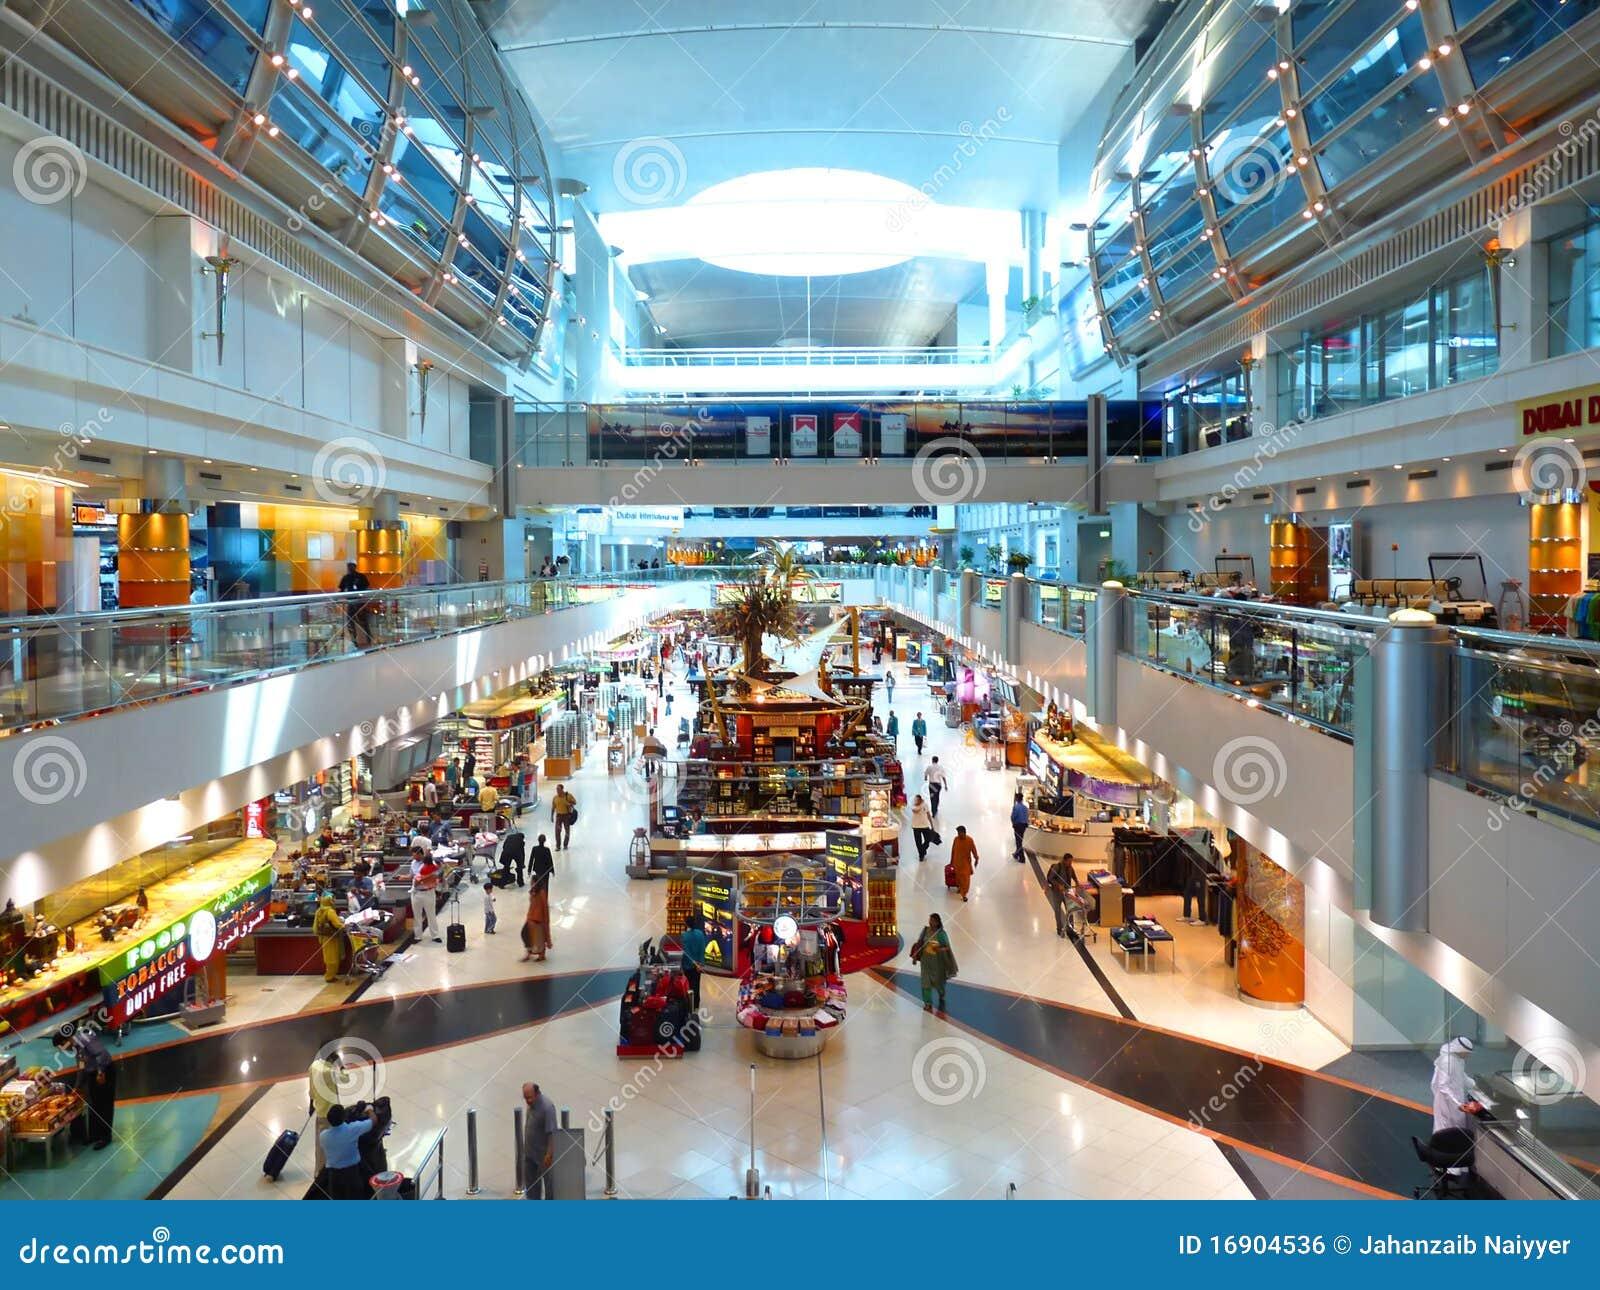 Аэропорт дубай 1 гостиницы в европе купить